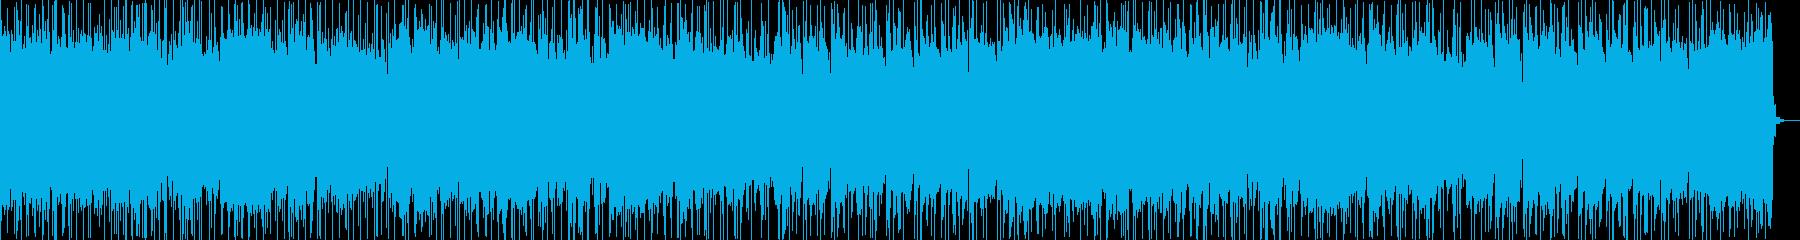 緊張感漂うハードロックの再生済みの波形